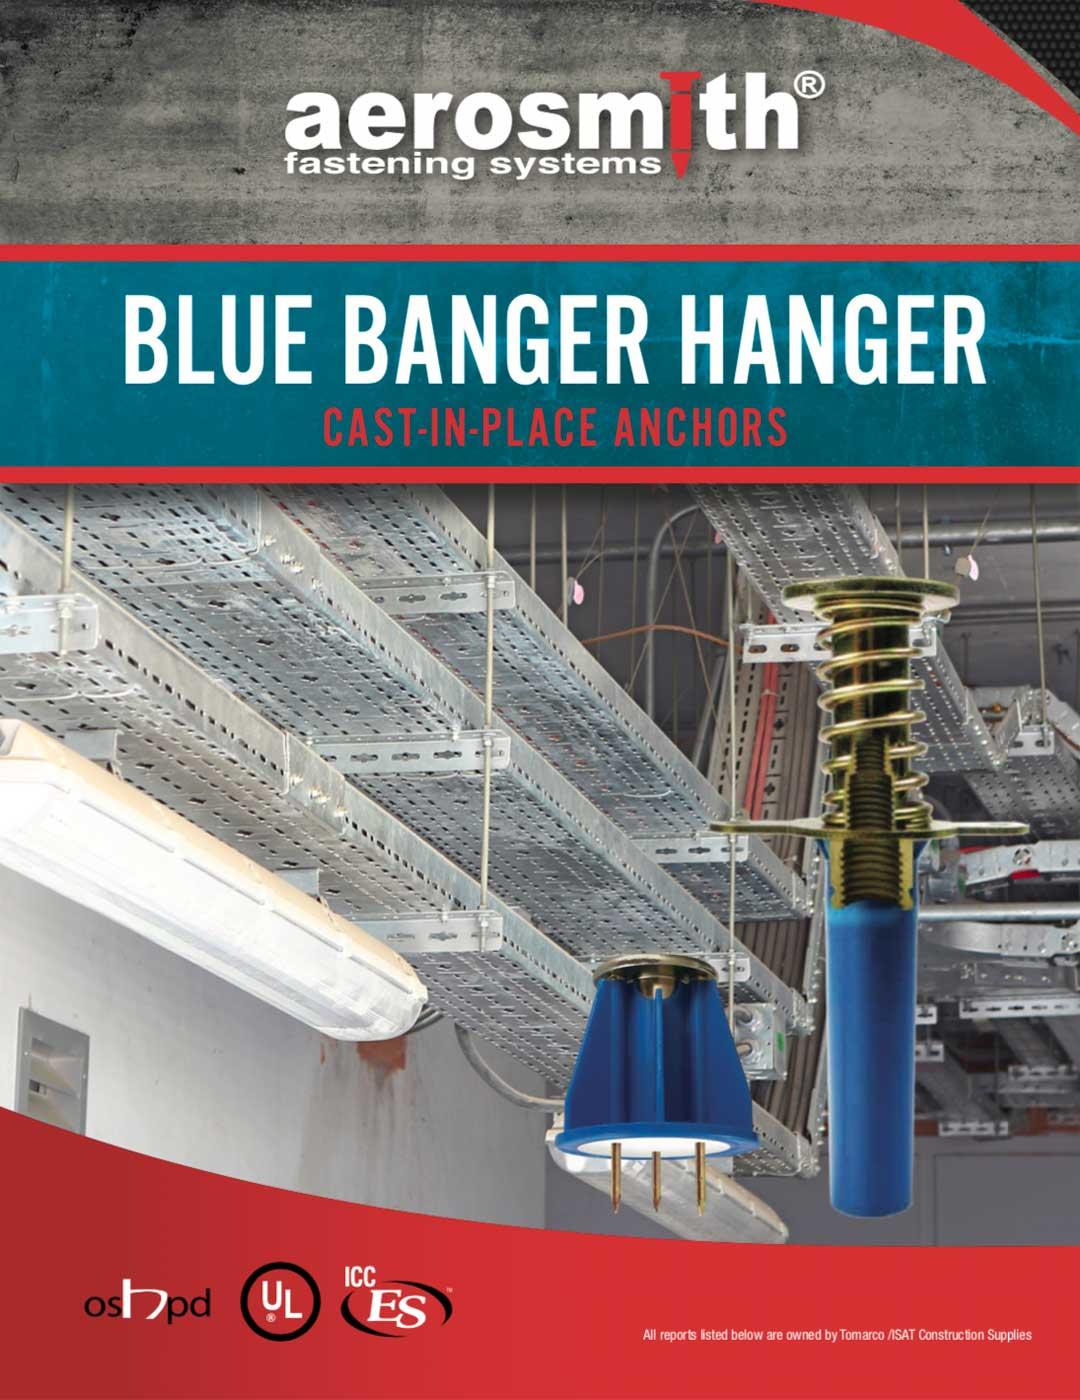 aerosmith-blue-banger-hanger-brochure-cover2